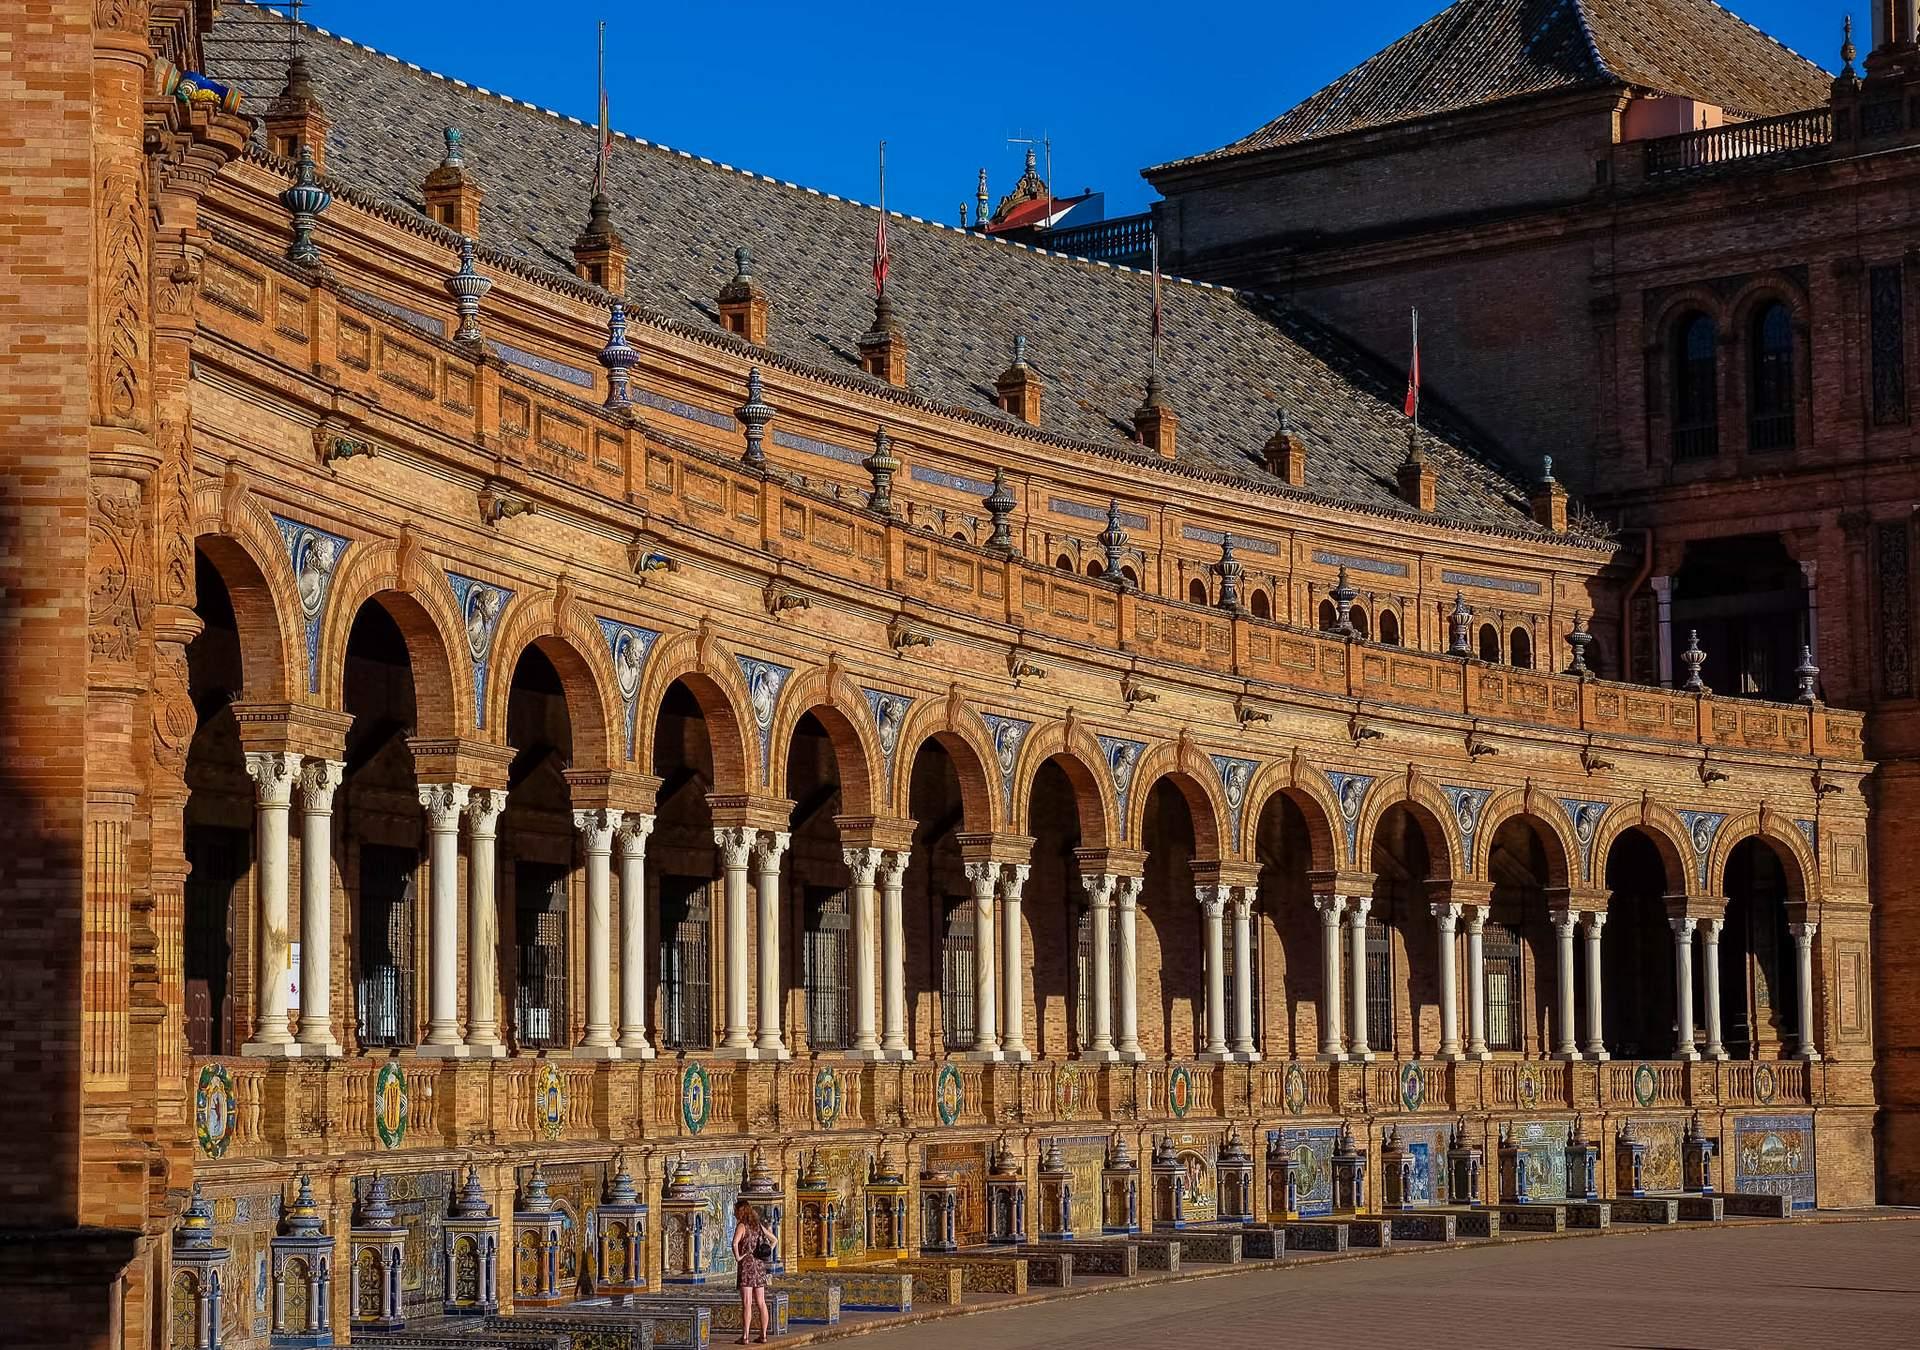 Топ-⑩ достопримечательностей Севильи: расположение, описание, стоимость билетов, фото